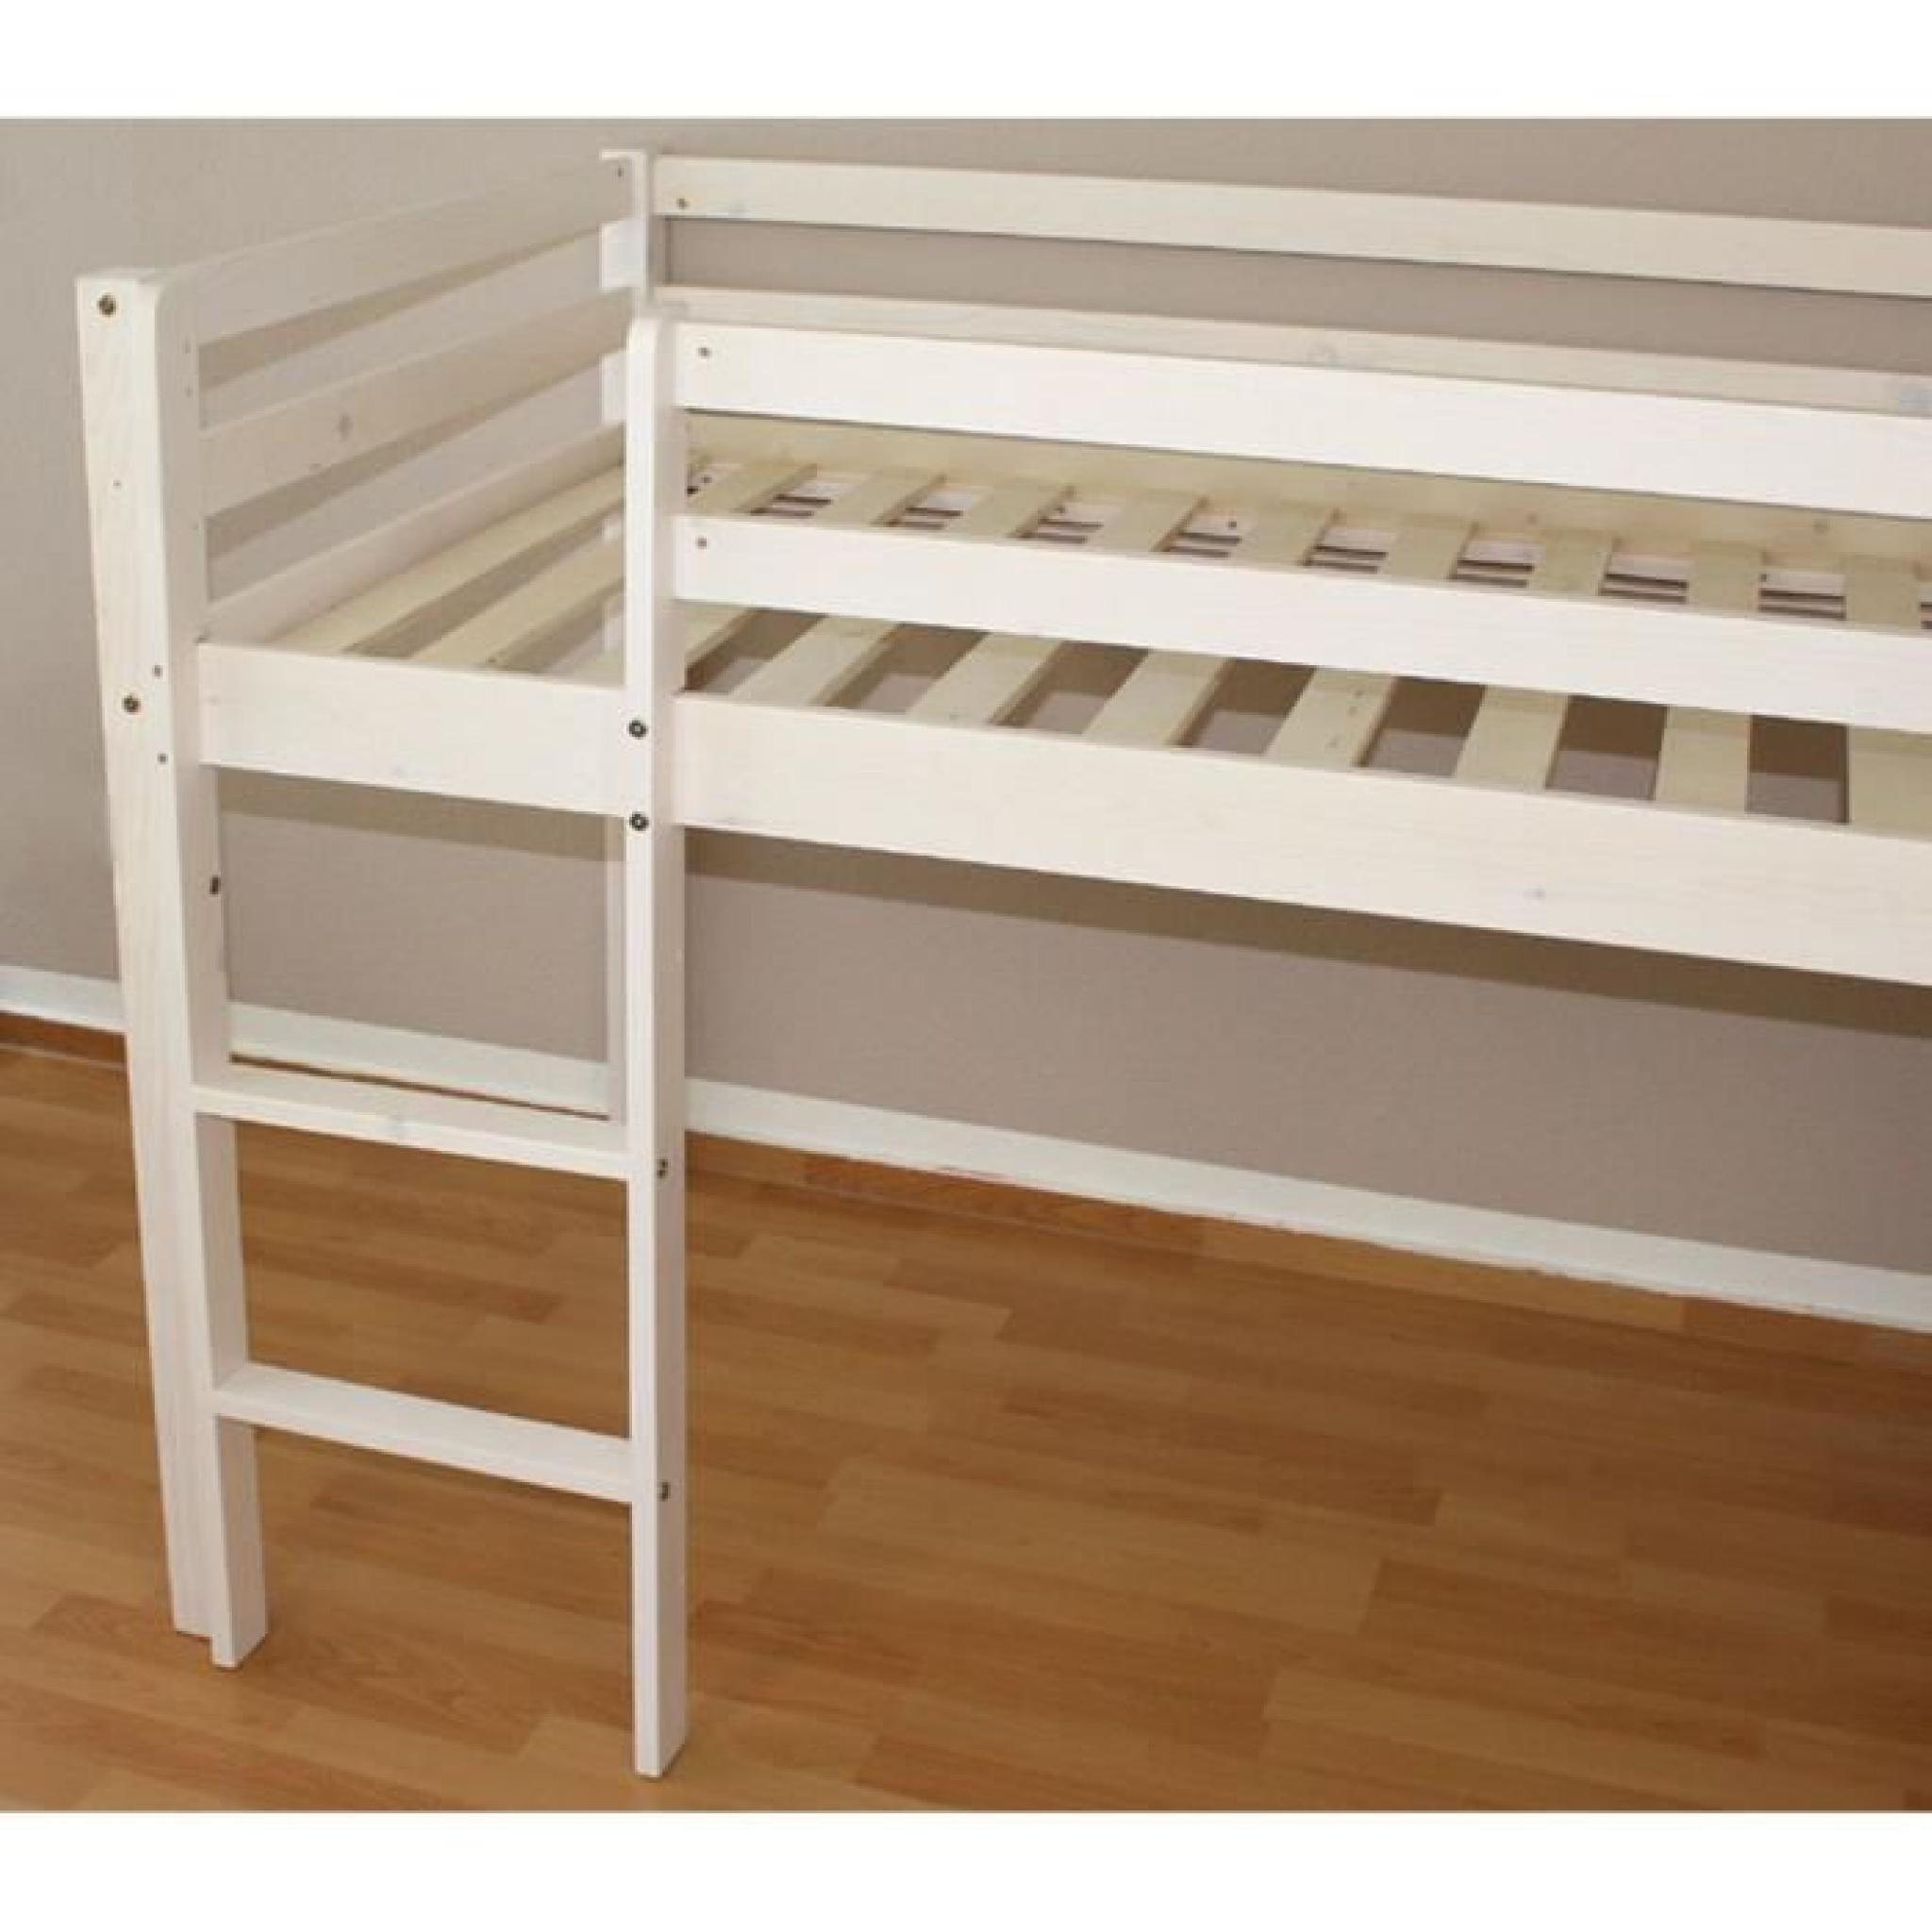 lit superpos enfant en pin massif blanc avec toboggan. Black Bedroom Furniture Sets. Home Design Ideas